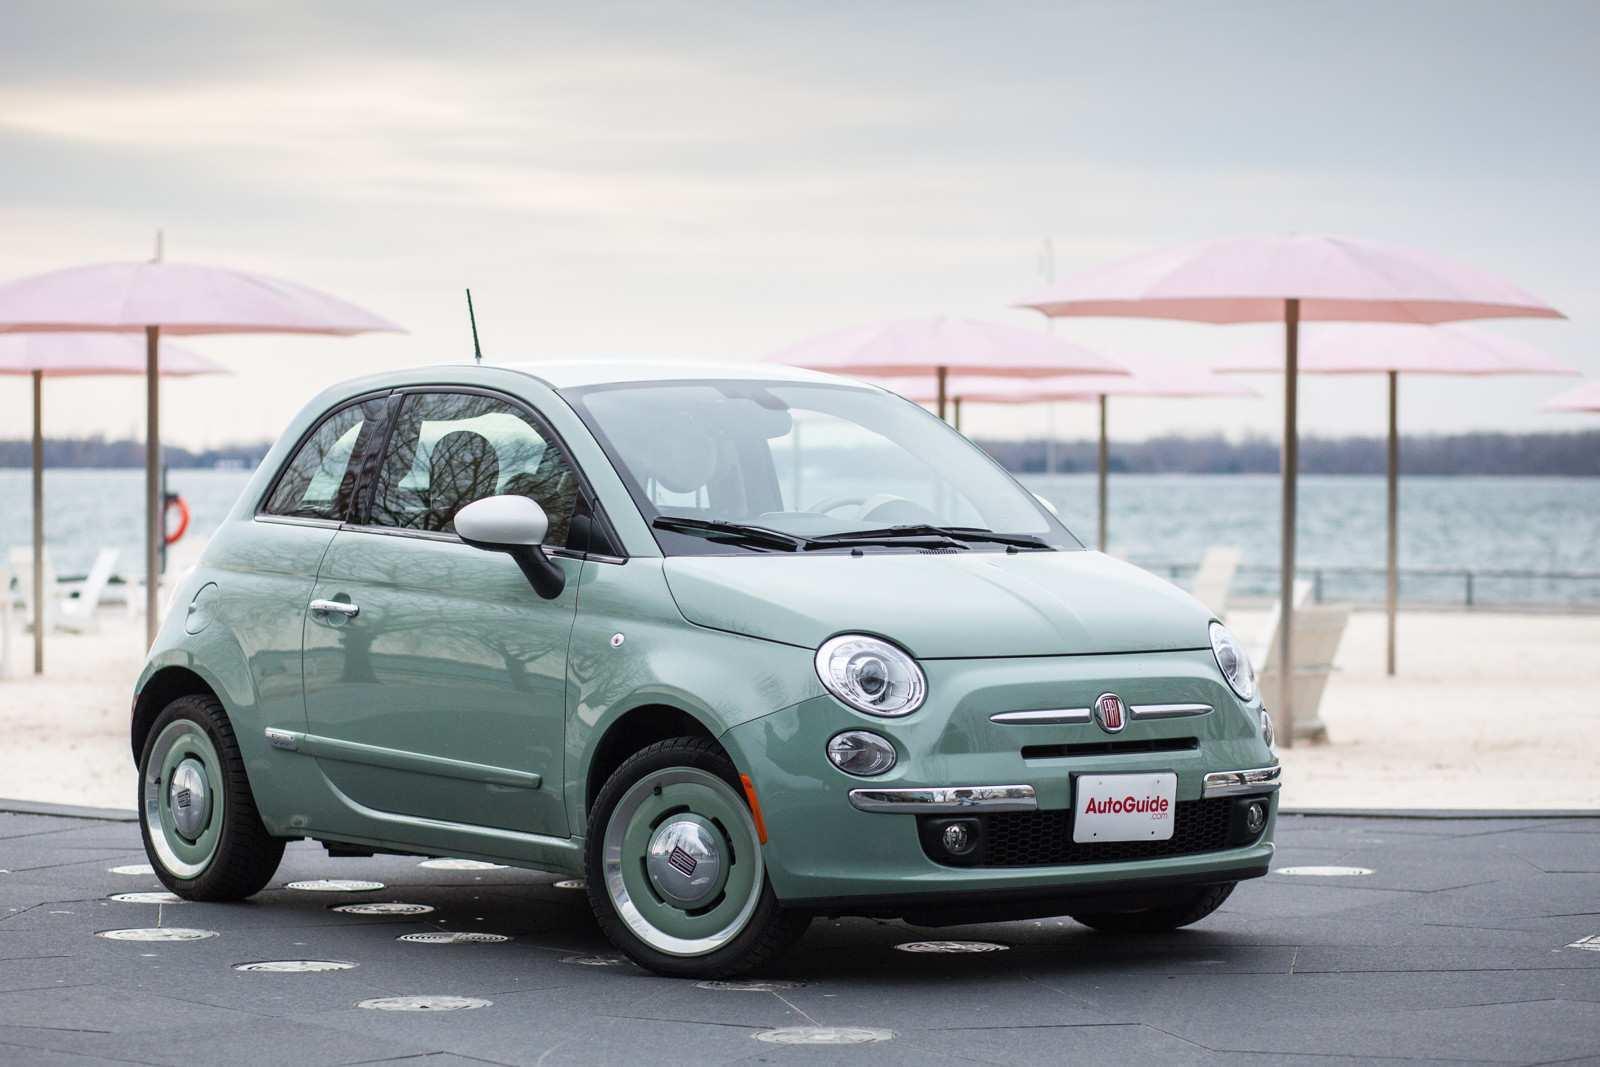 99 All New Fiat Topolino 2019 Price for Fiat Topolino 2019